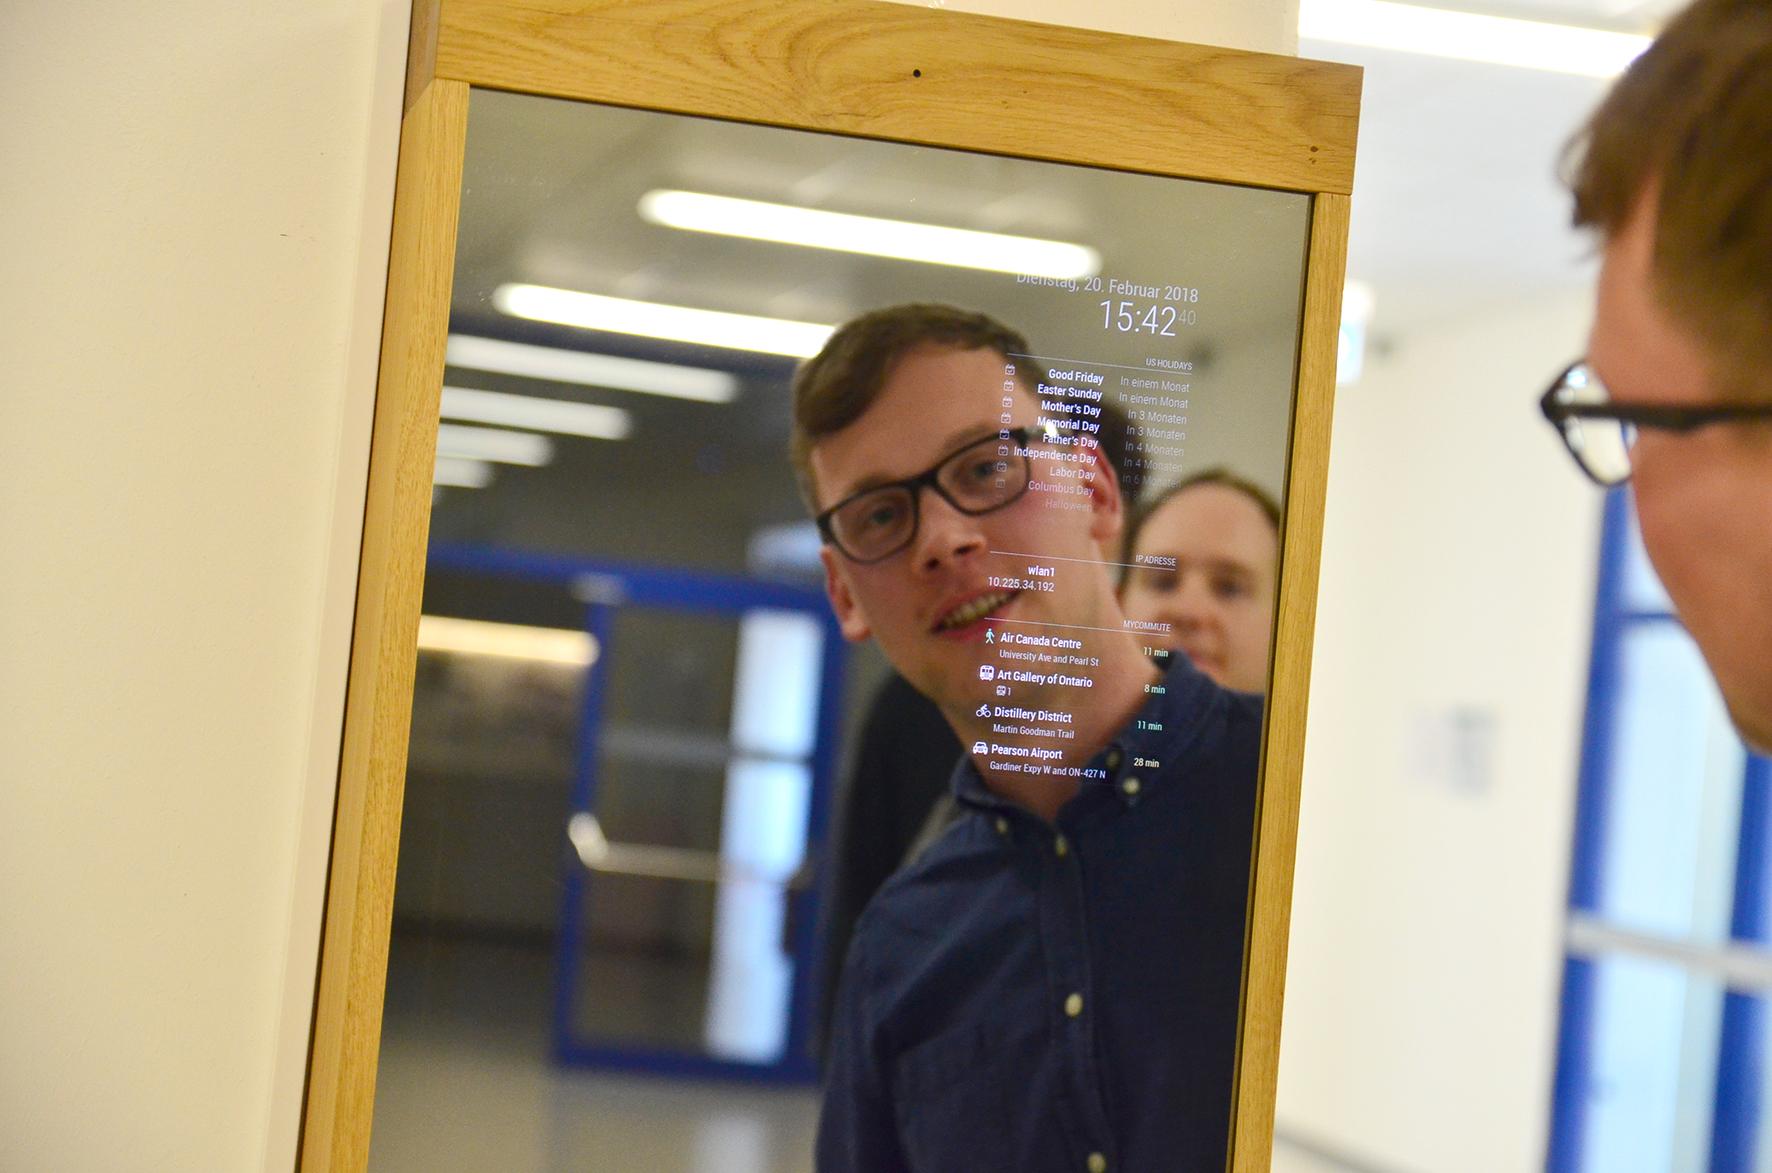 Student Robin Weiß vor dem Spiegel, auf der Spiegeloberfläche stehen digital Uhrzeit, Kalenderdaten und Feiertage